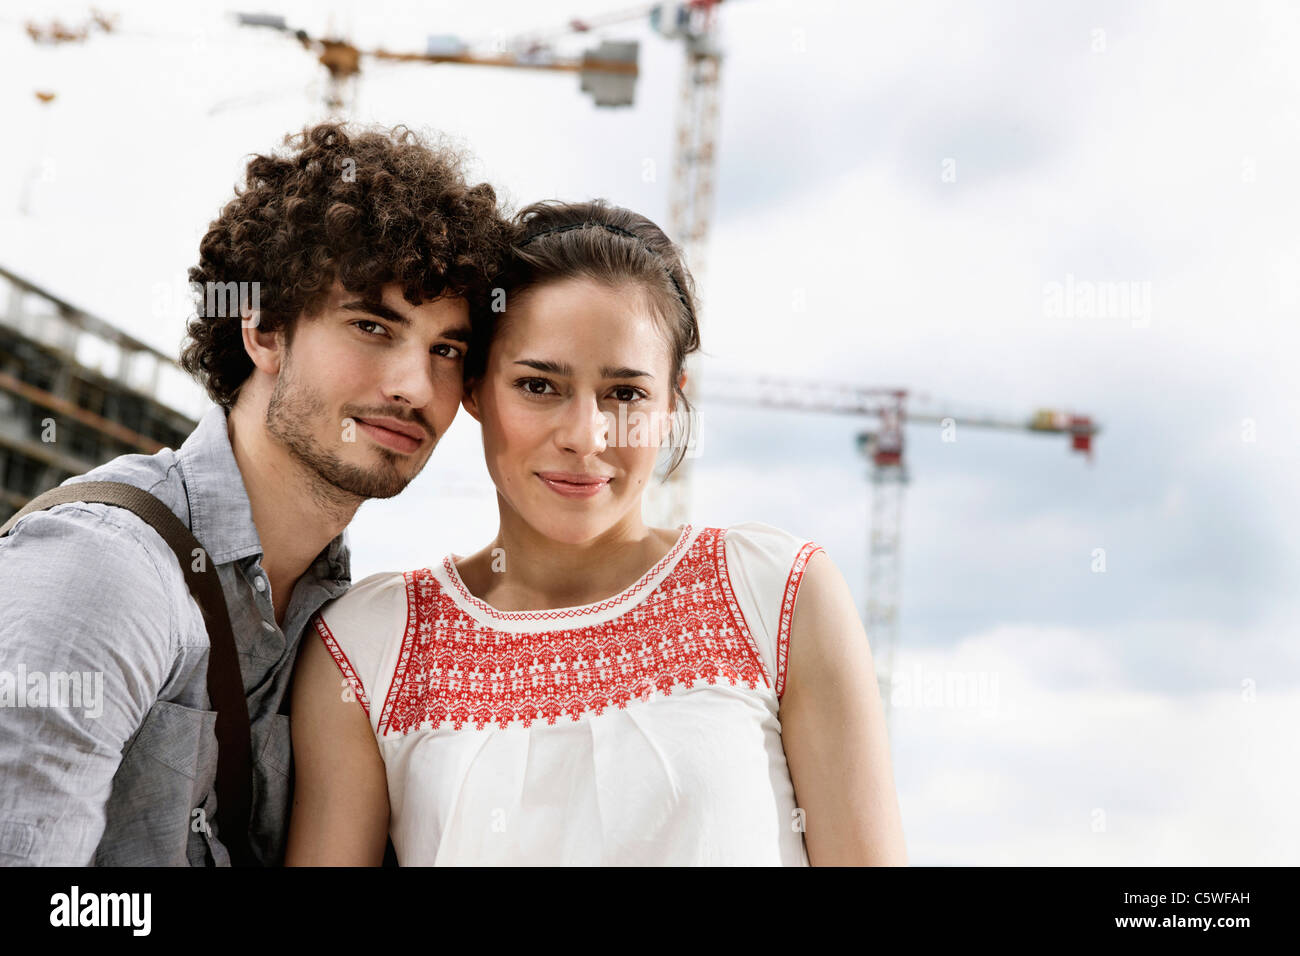 Deutschland, Berlin, junges Paar vor Neubau, Kräne im Hintergrund Stockbild